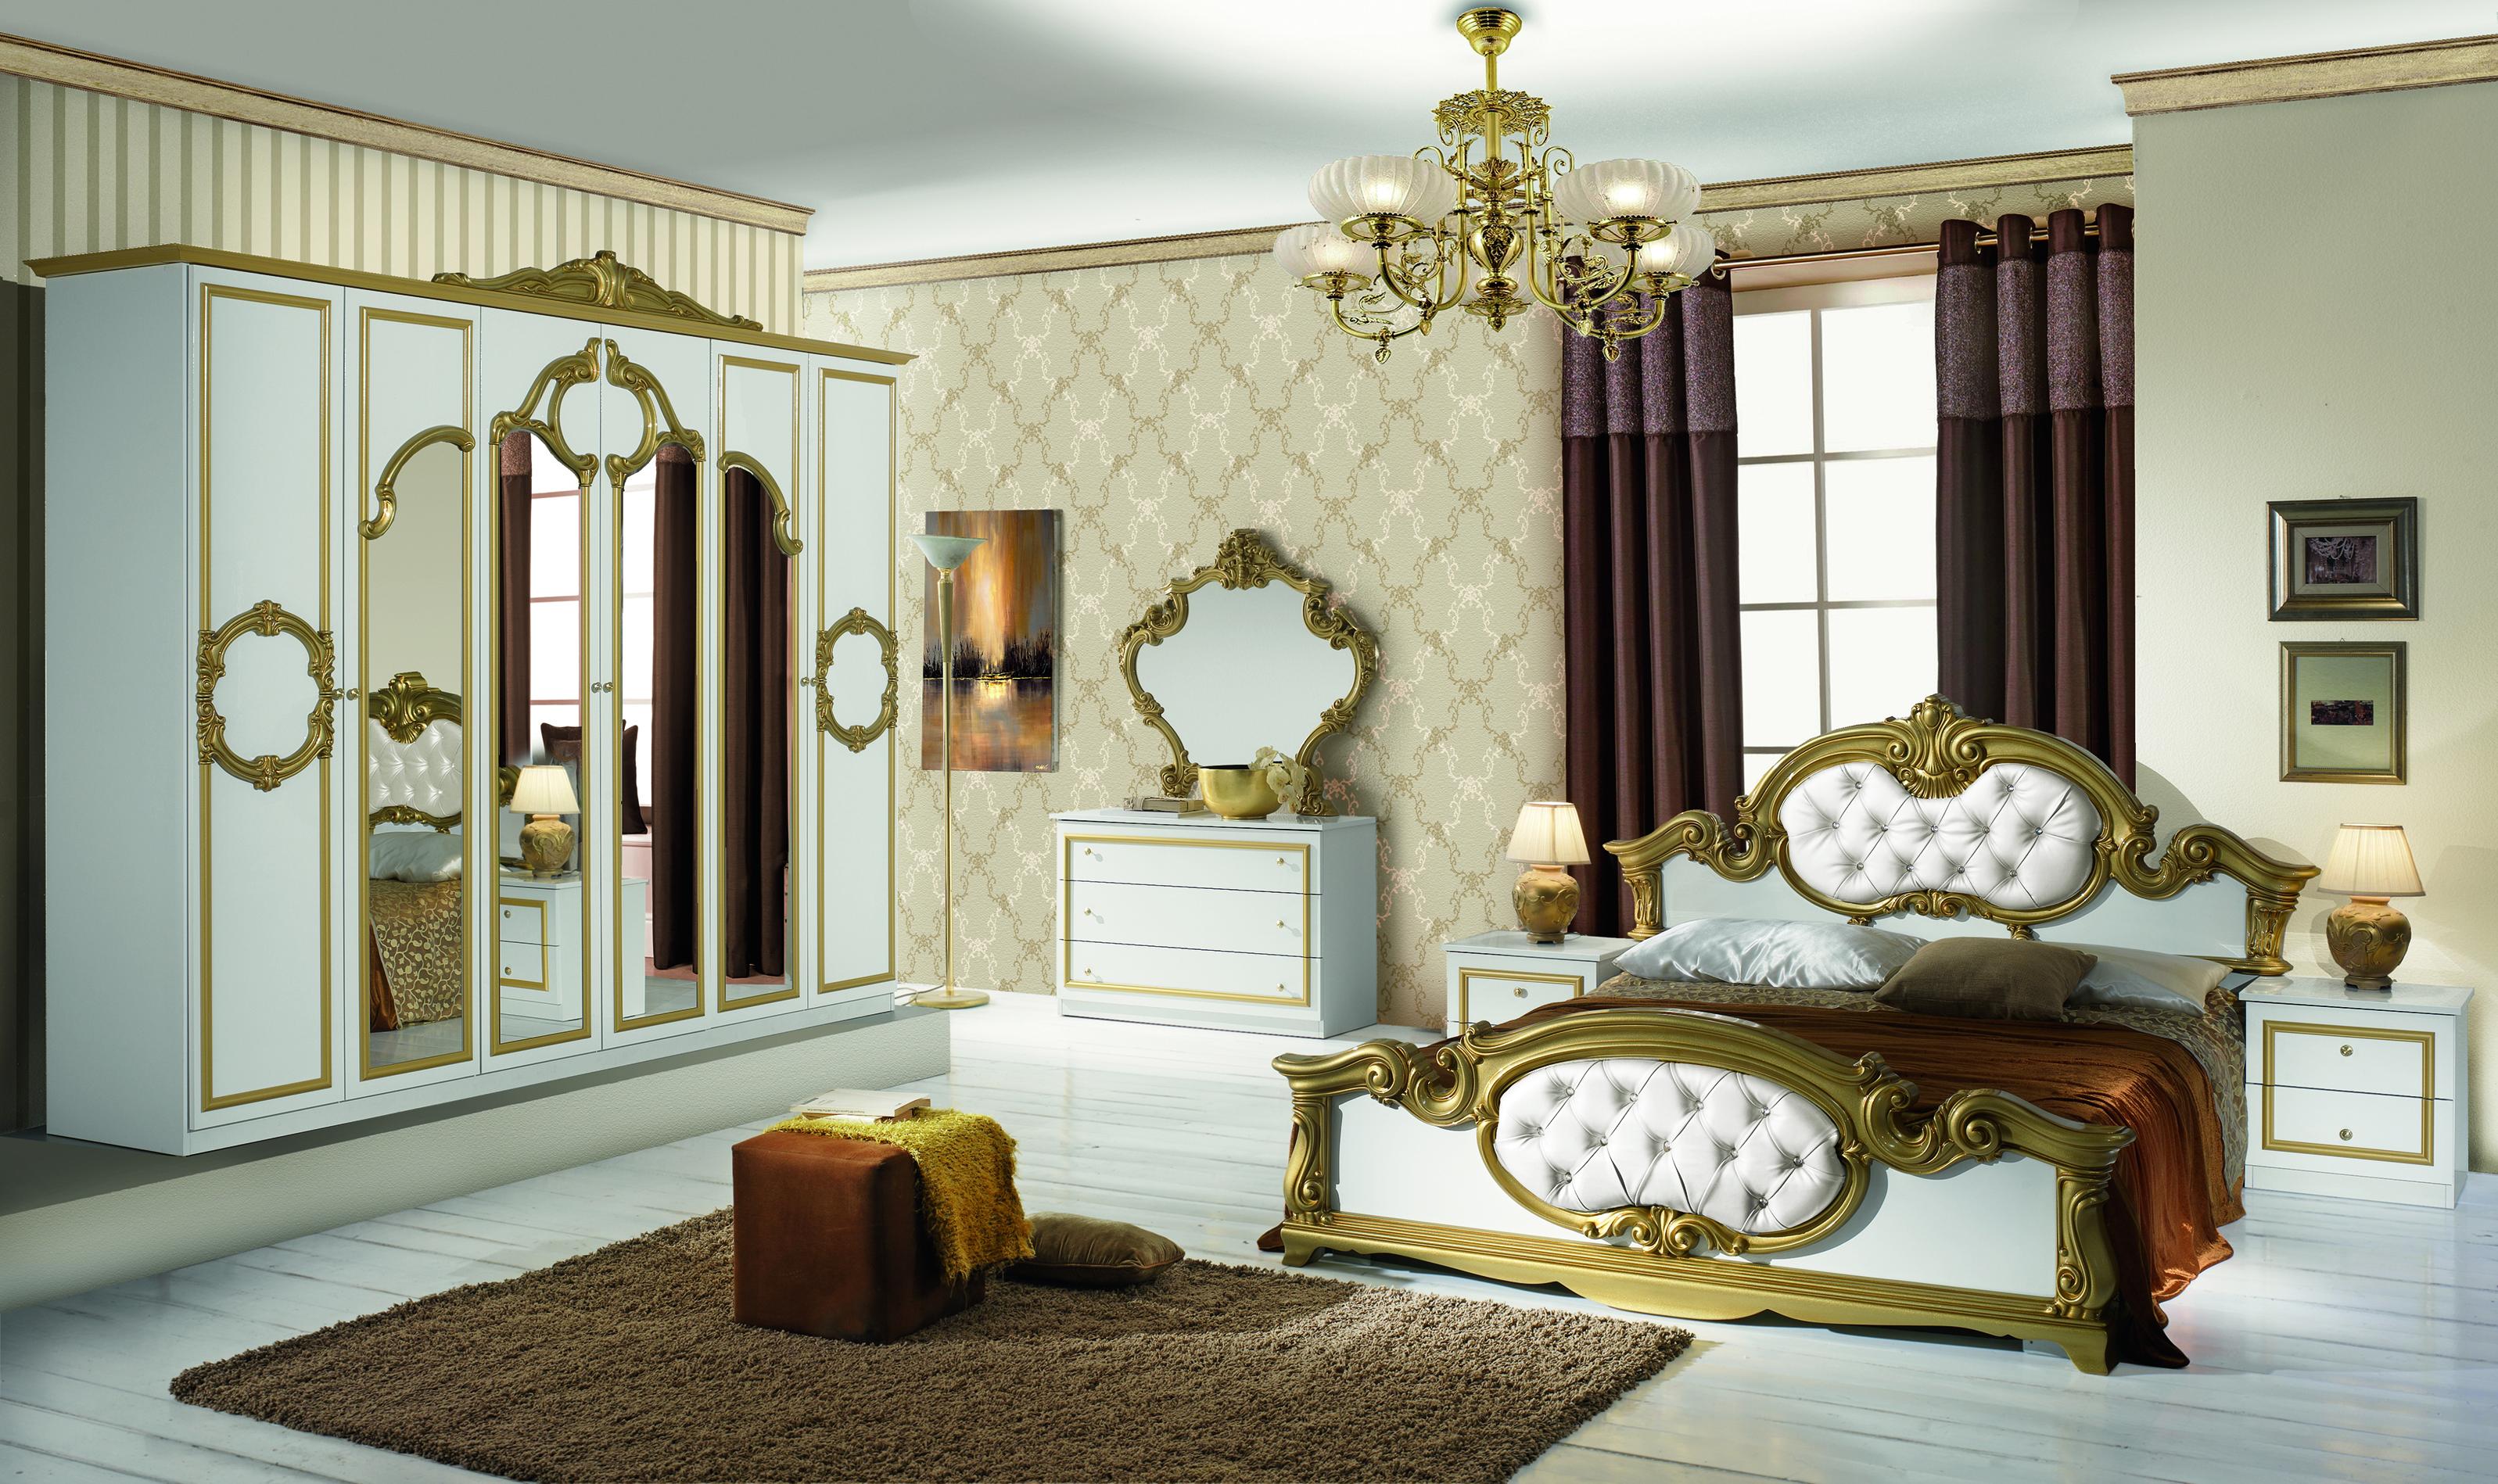 Schlafzimmer Set Weiß Bartek mit 4-türigem Schrank